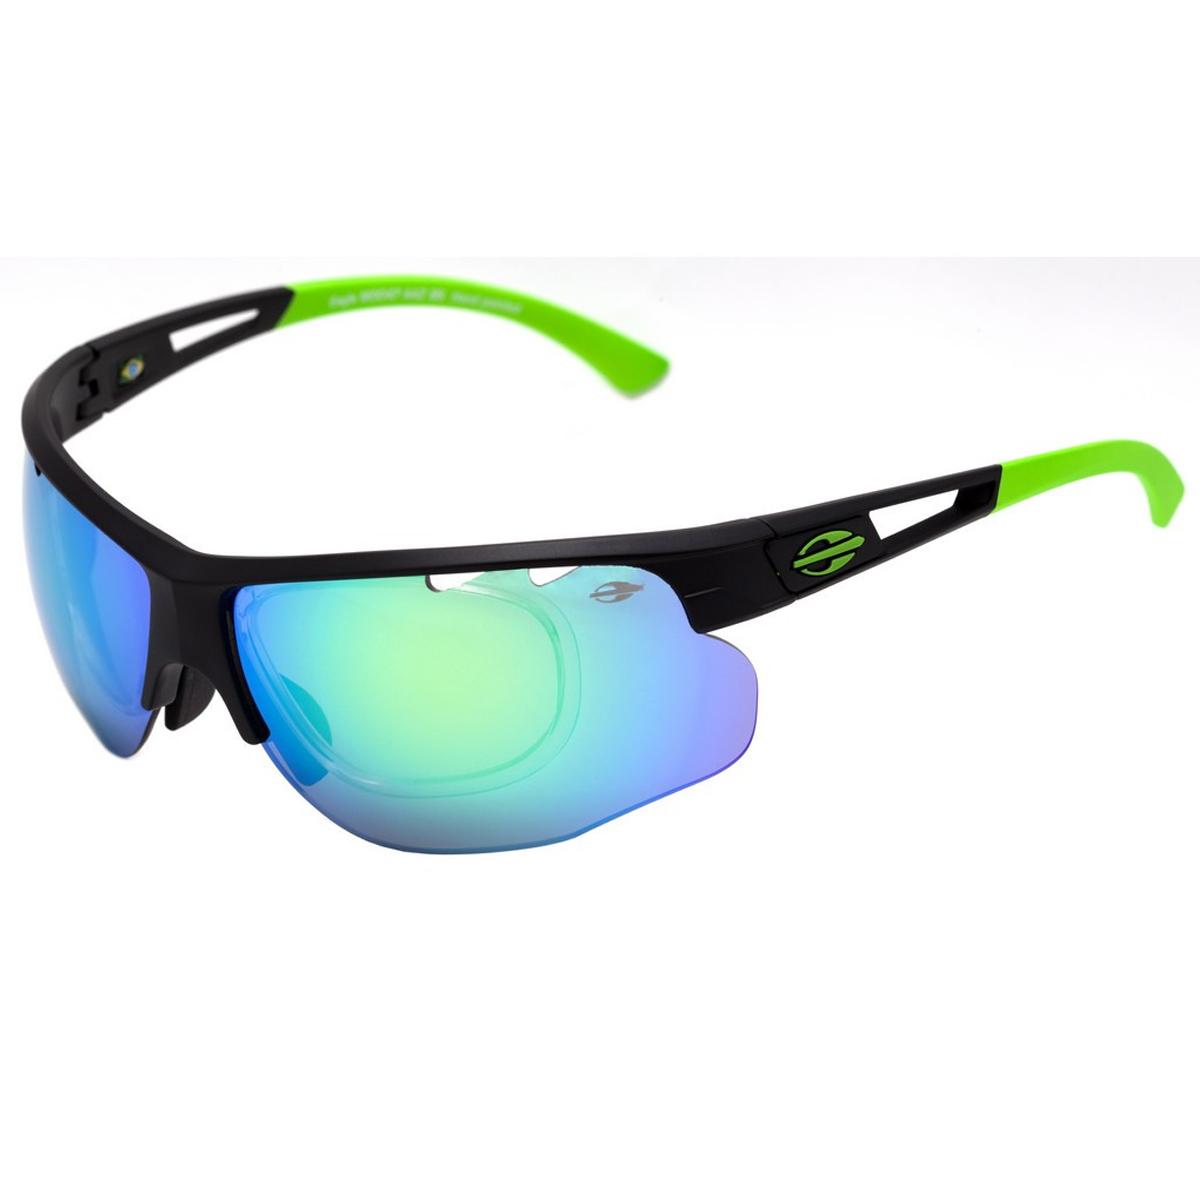 Óculos Mormaii Eagle Preto Fosco  Lente Verde Espelhada ref M0047AAZ85 706e9df889